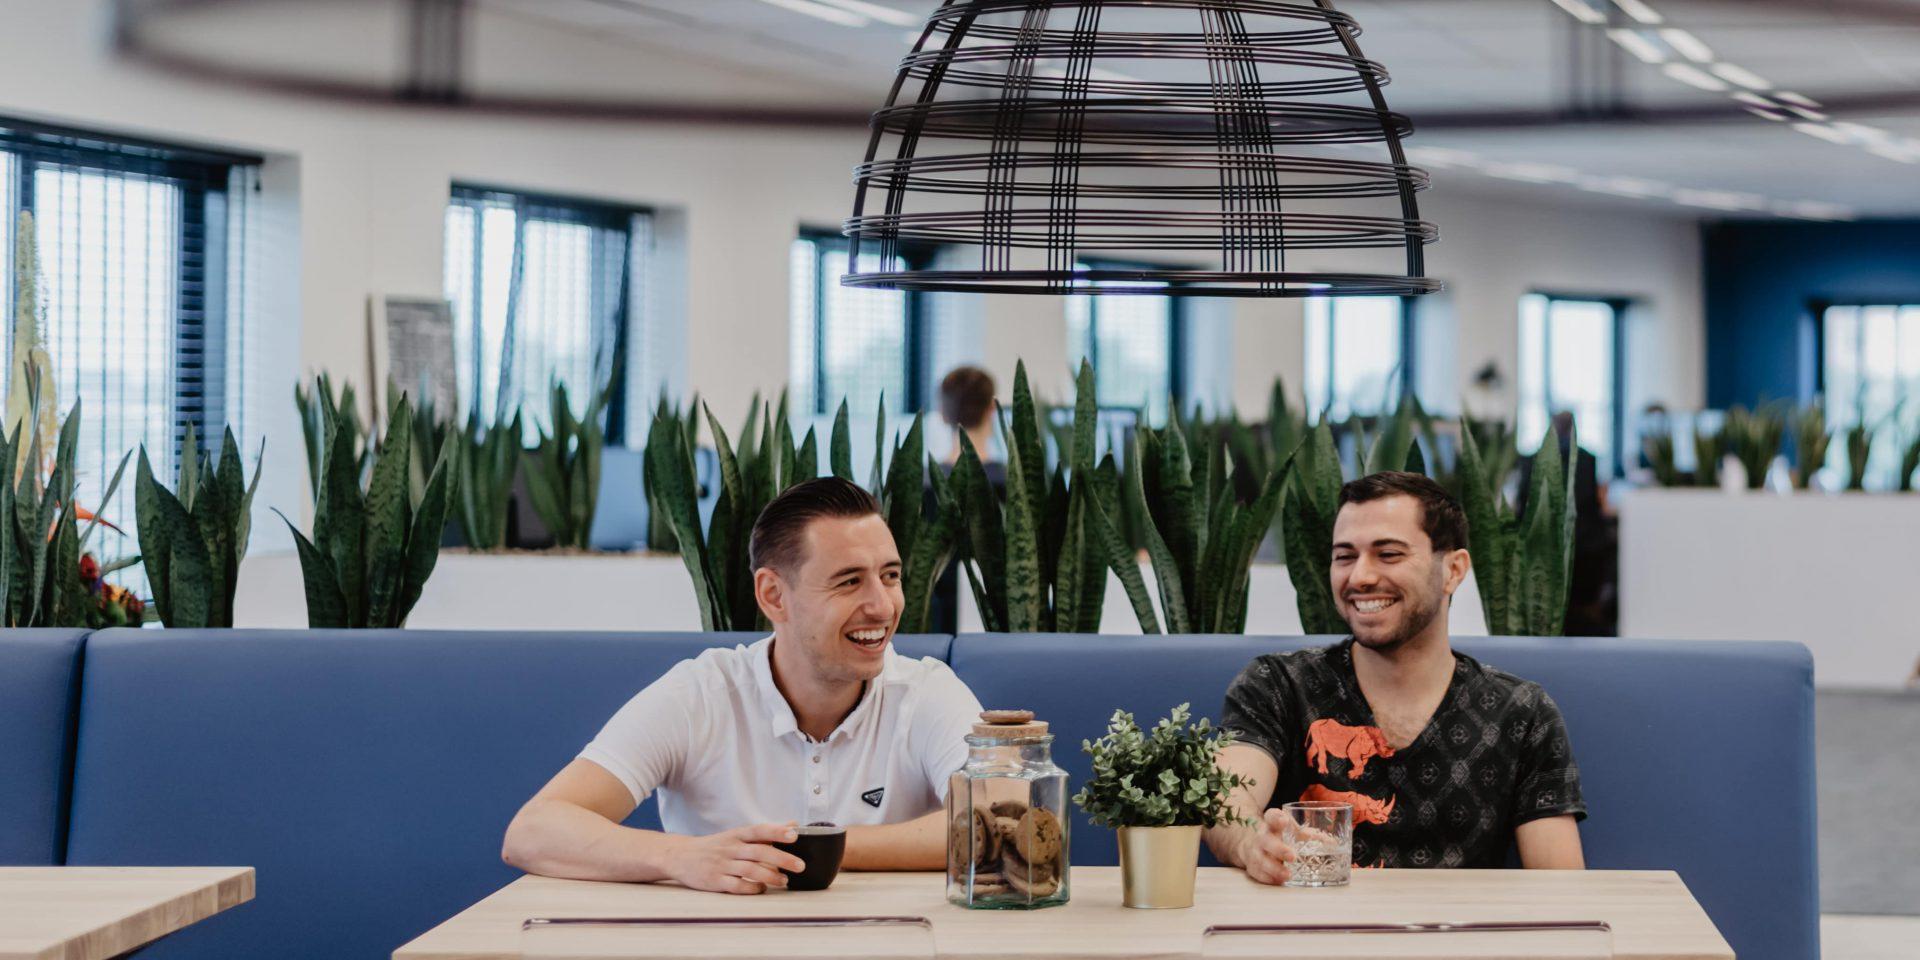 Medewerkers van Freelancefactoring aan de lunch tafel